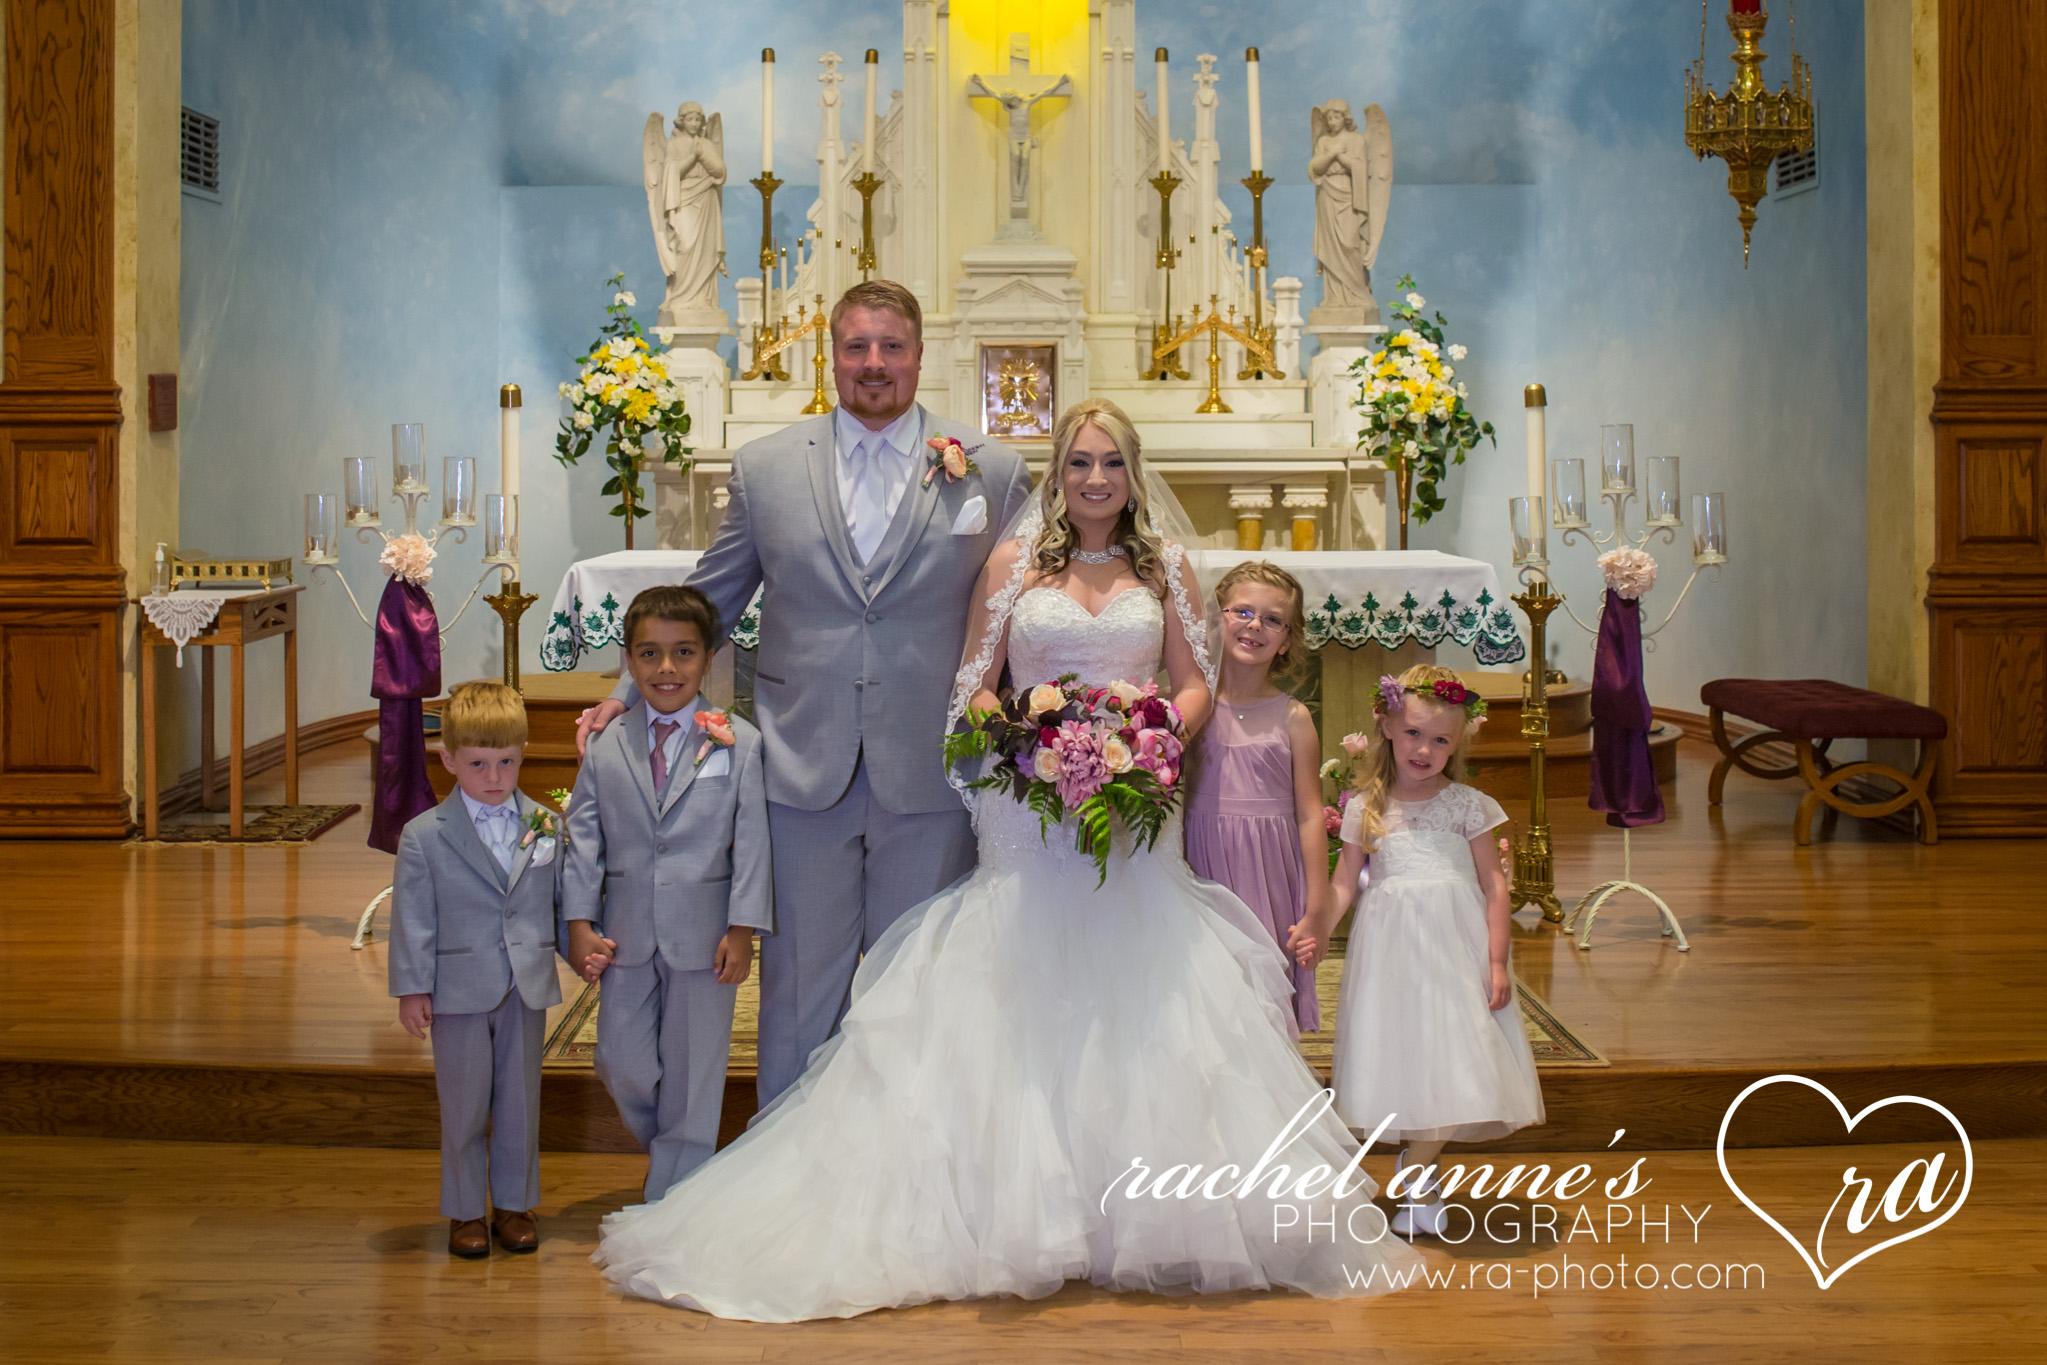 030-CMQ-ST-LEOS-RIDGWAY-PA-WEDDINGS.jpg